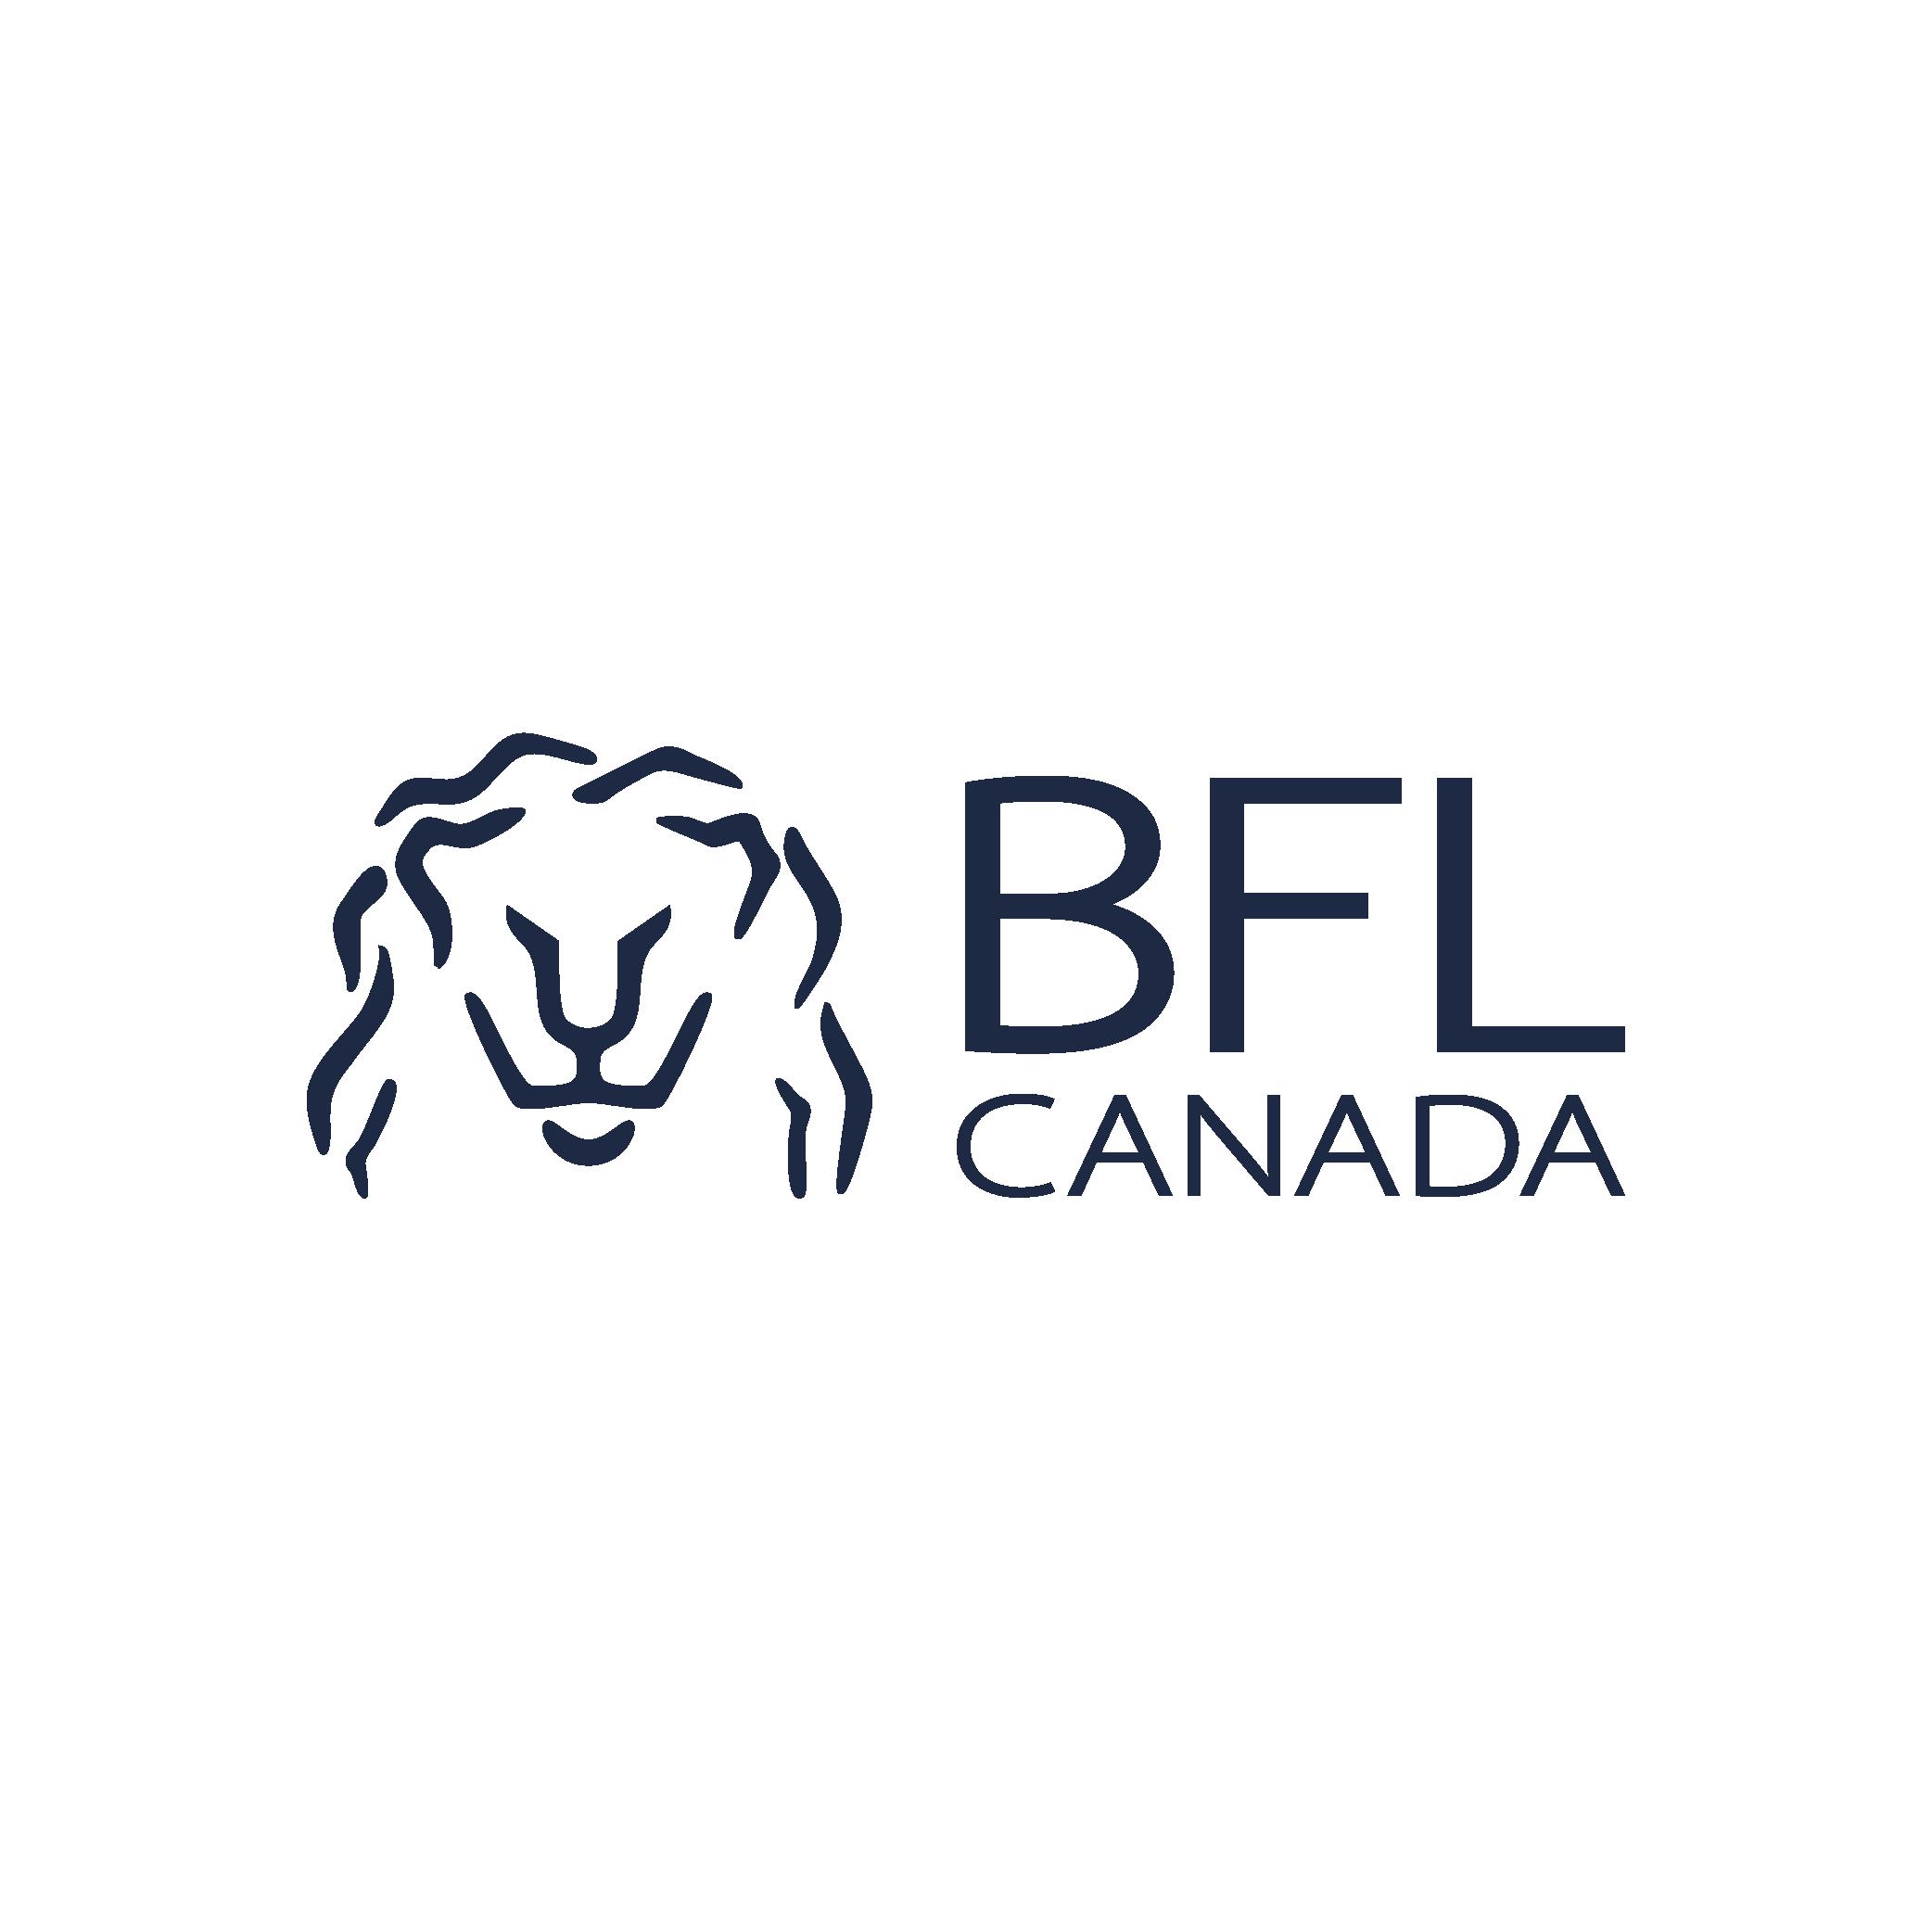 https://aqinac.com/wp-content/uploads/2019/11/BFL_CANADA.png